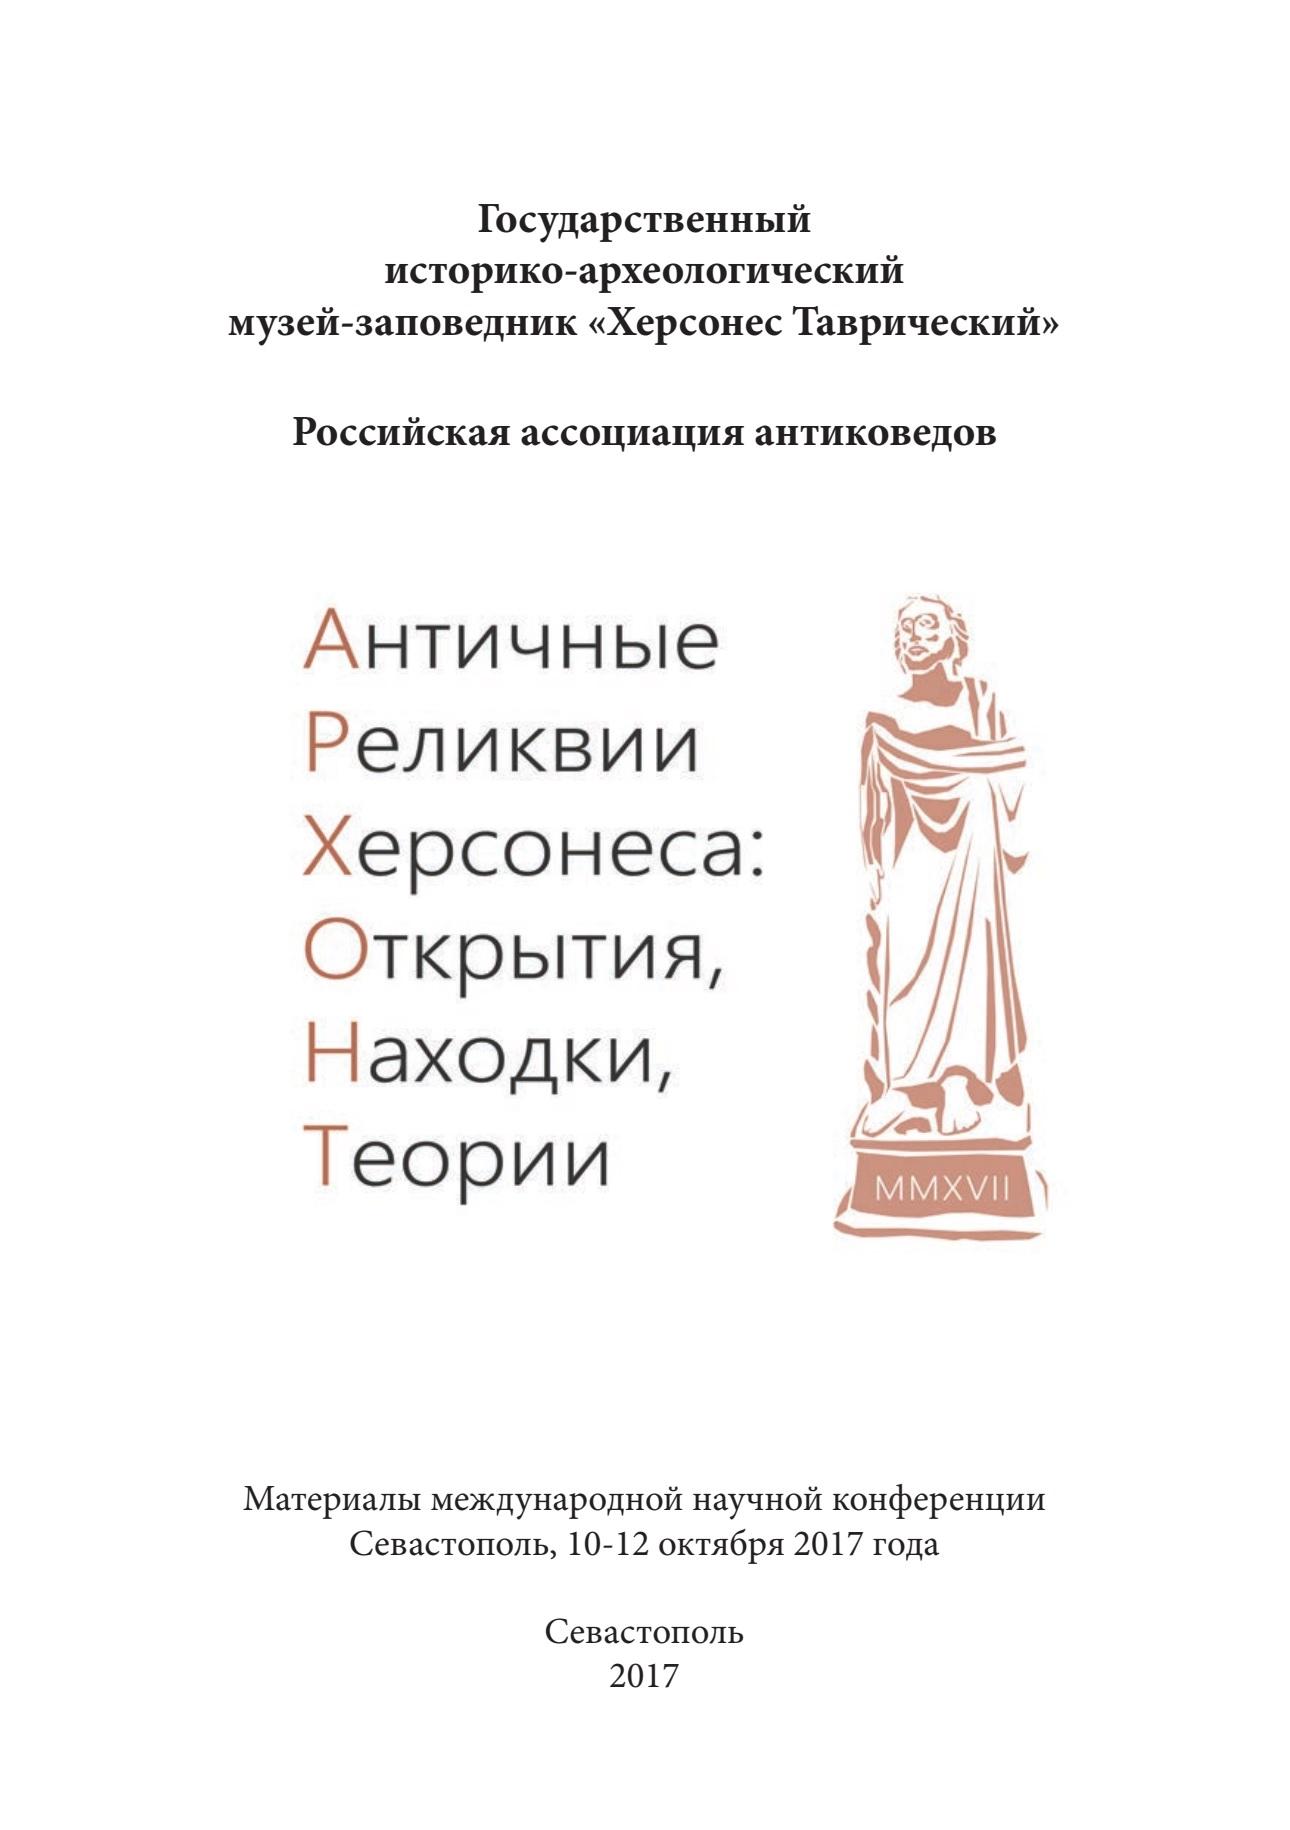 Начальные этапы исследования Херсонеса Таврического [Initial Periods of Study of Chersonesus Taurica]